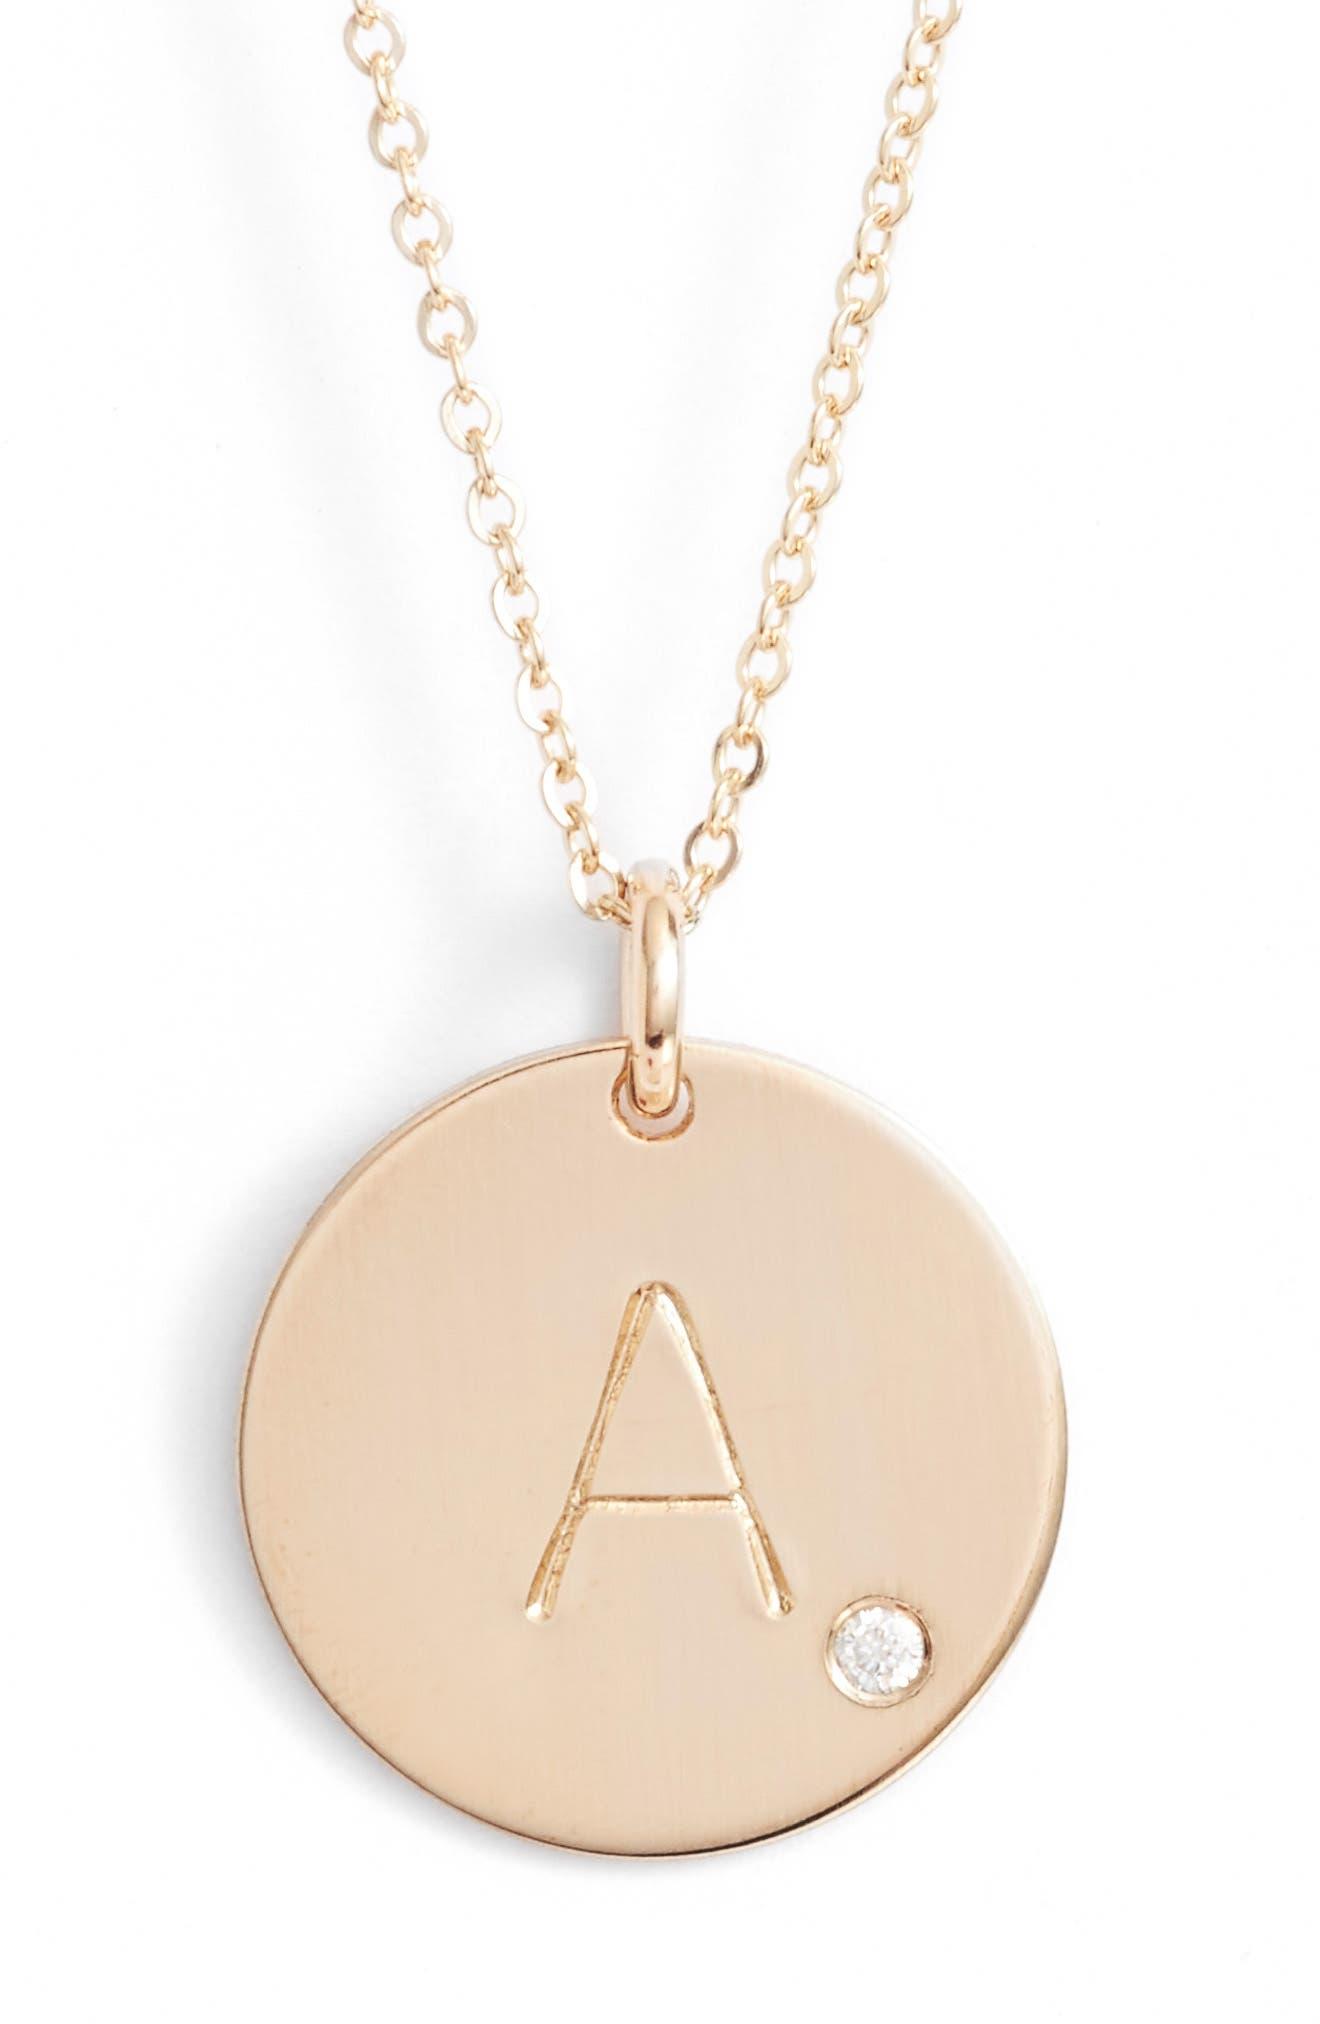 Main Image - Nashelle Diamond Initial Pendant Necklace